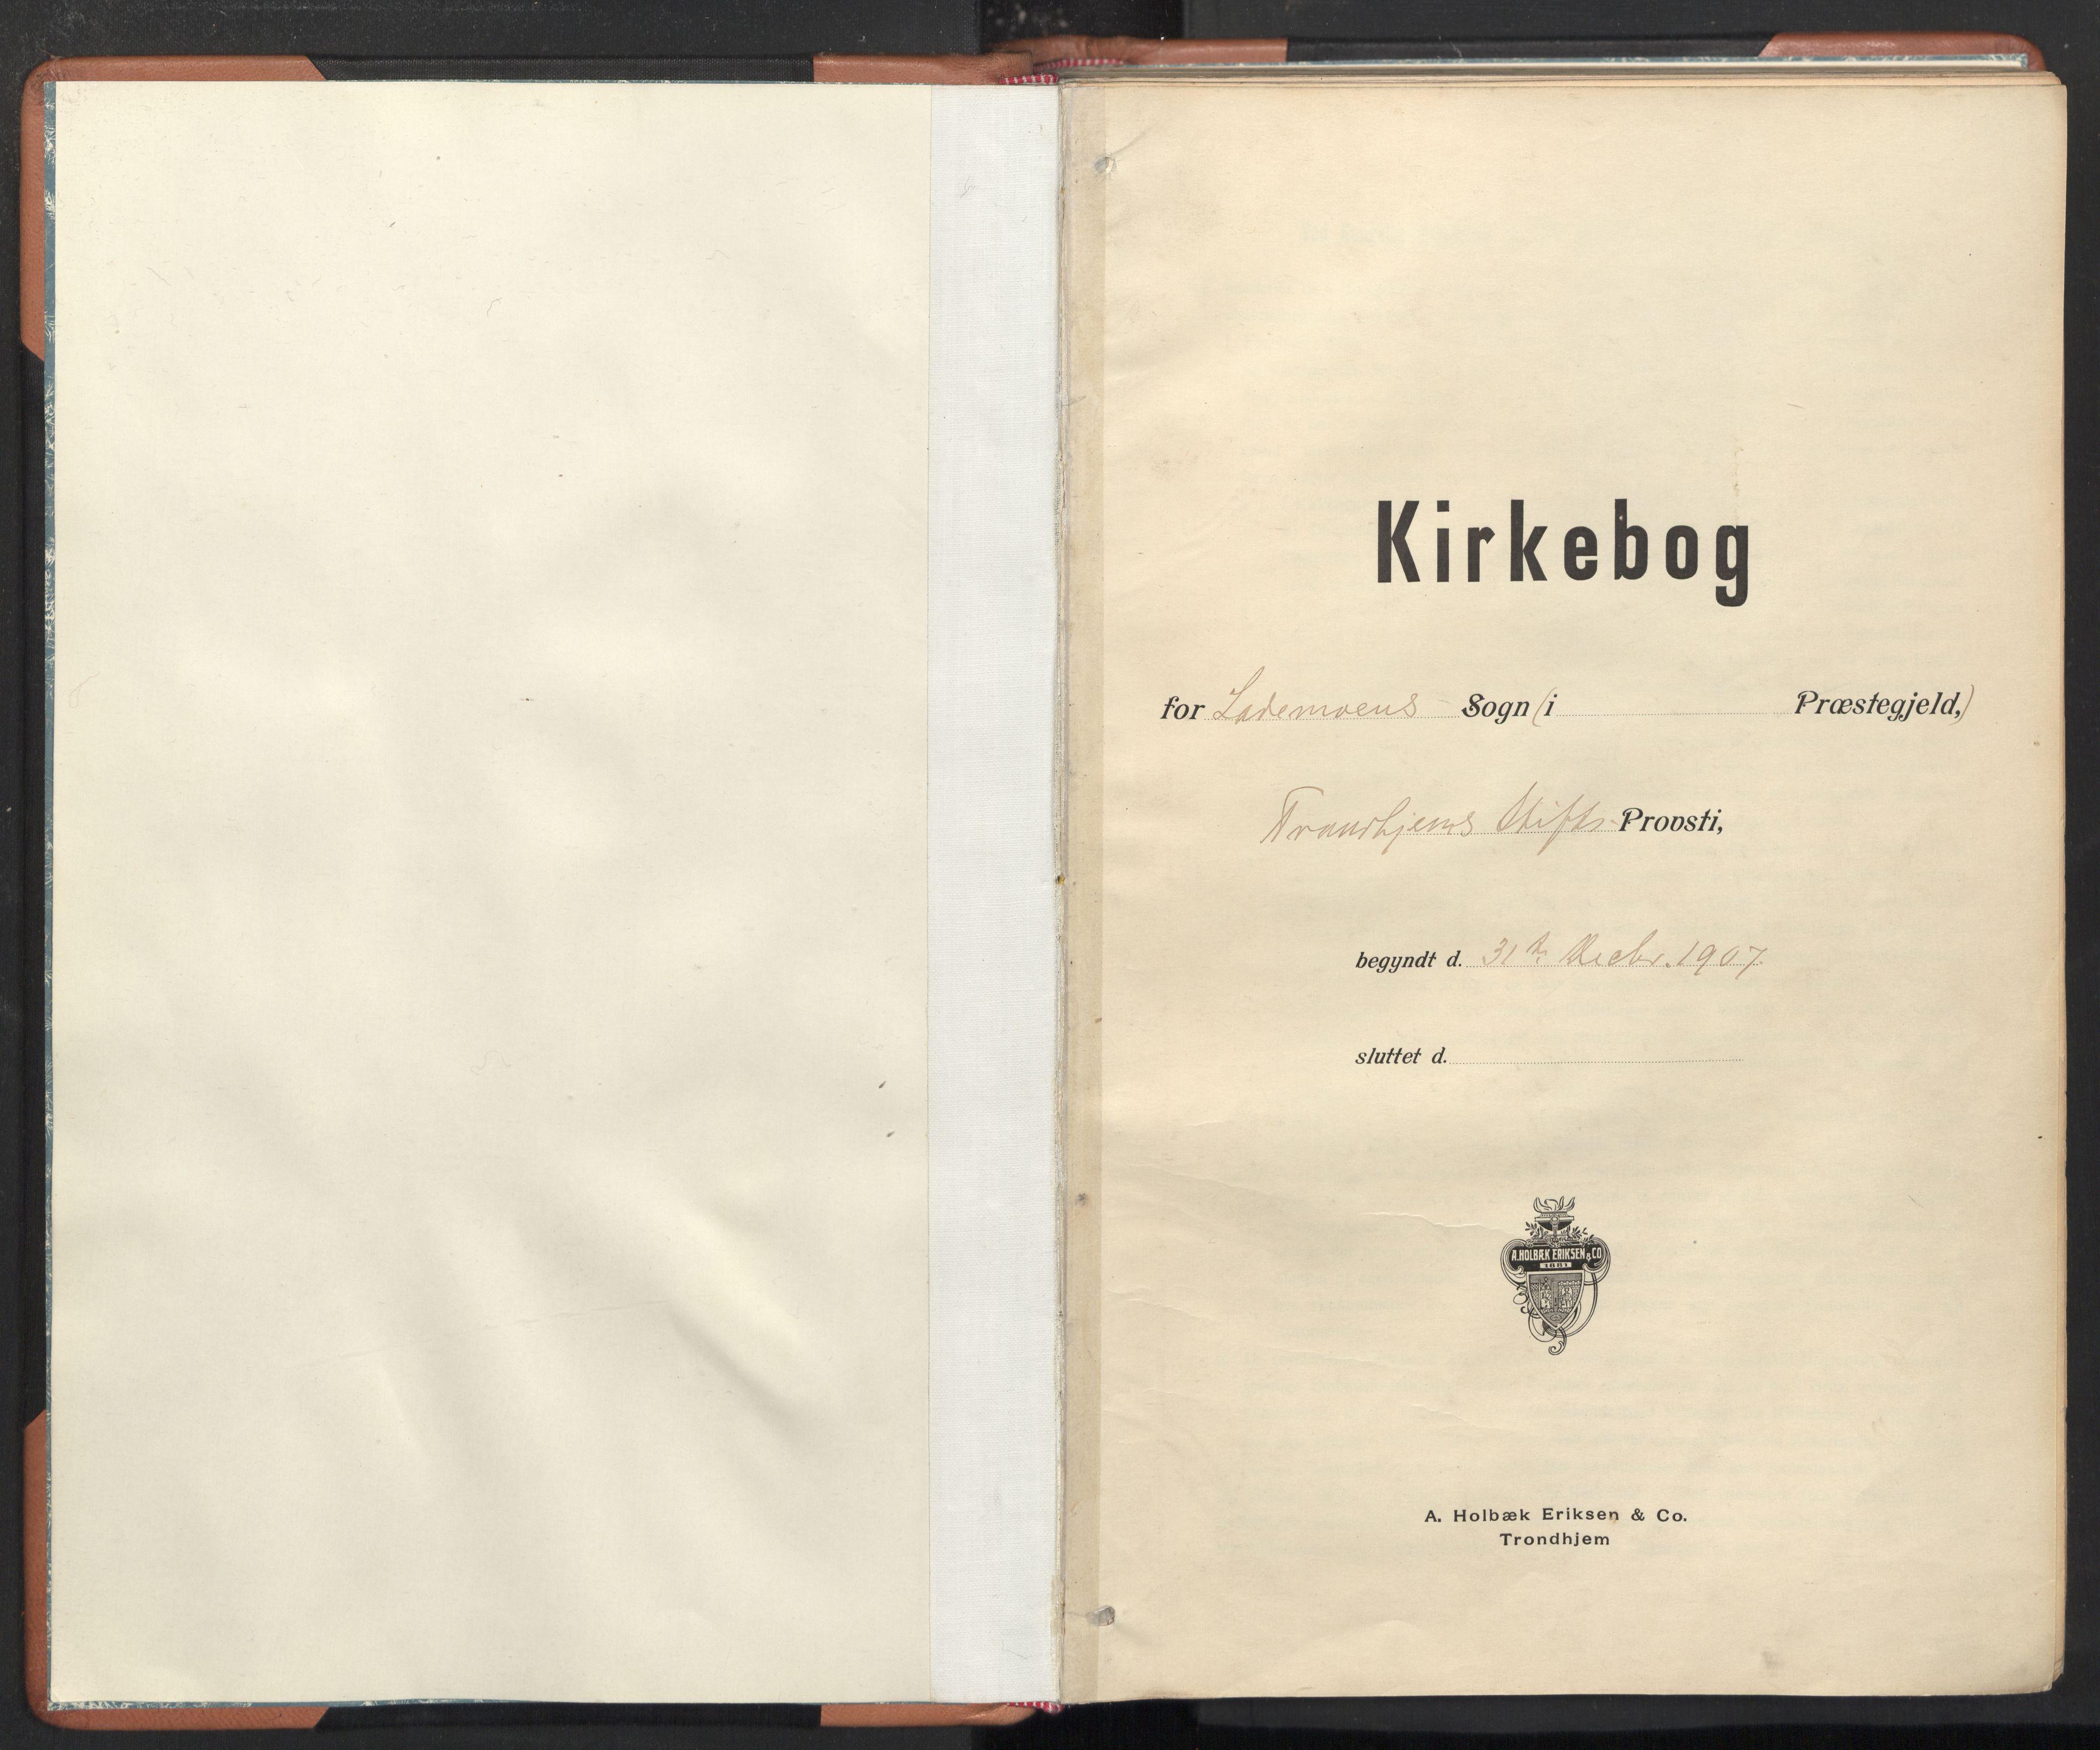 SAT, Ministerialprotokoller, klokkerbøker og fødselsregistre - Sør-Trøndelag, 605/L0244: Ministerialbok nr. 605A06, 1908-1954